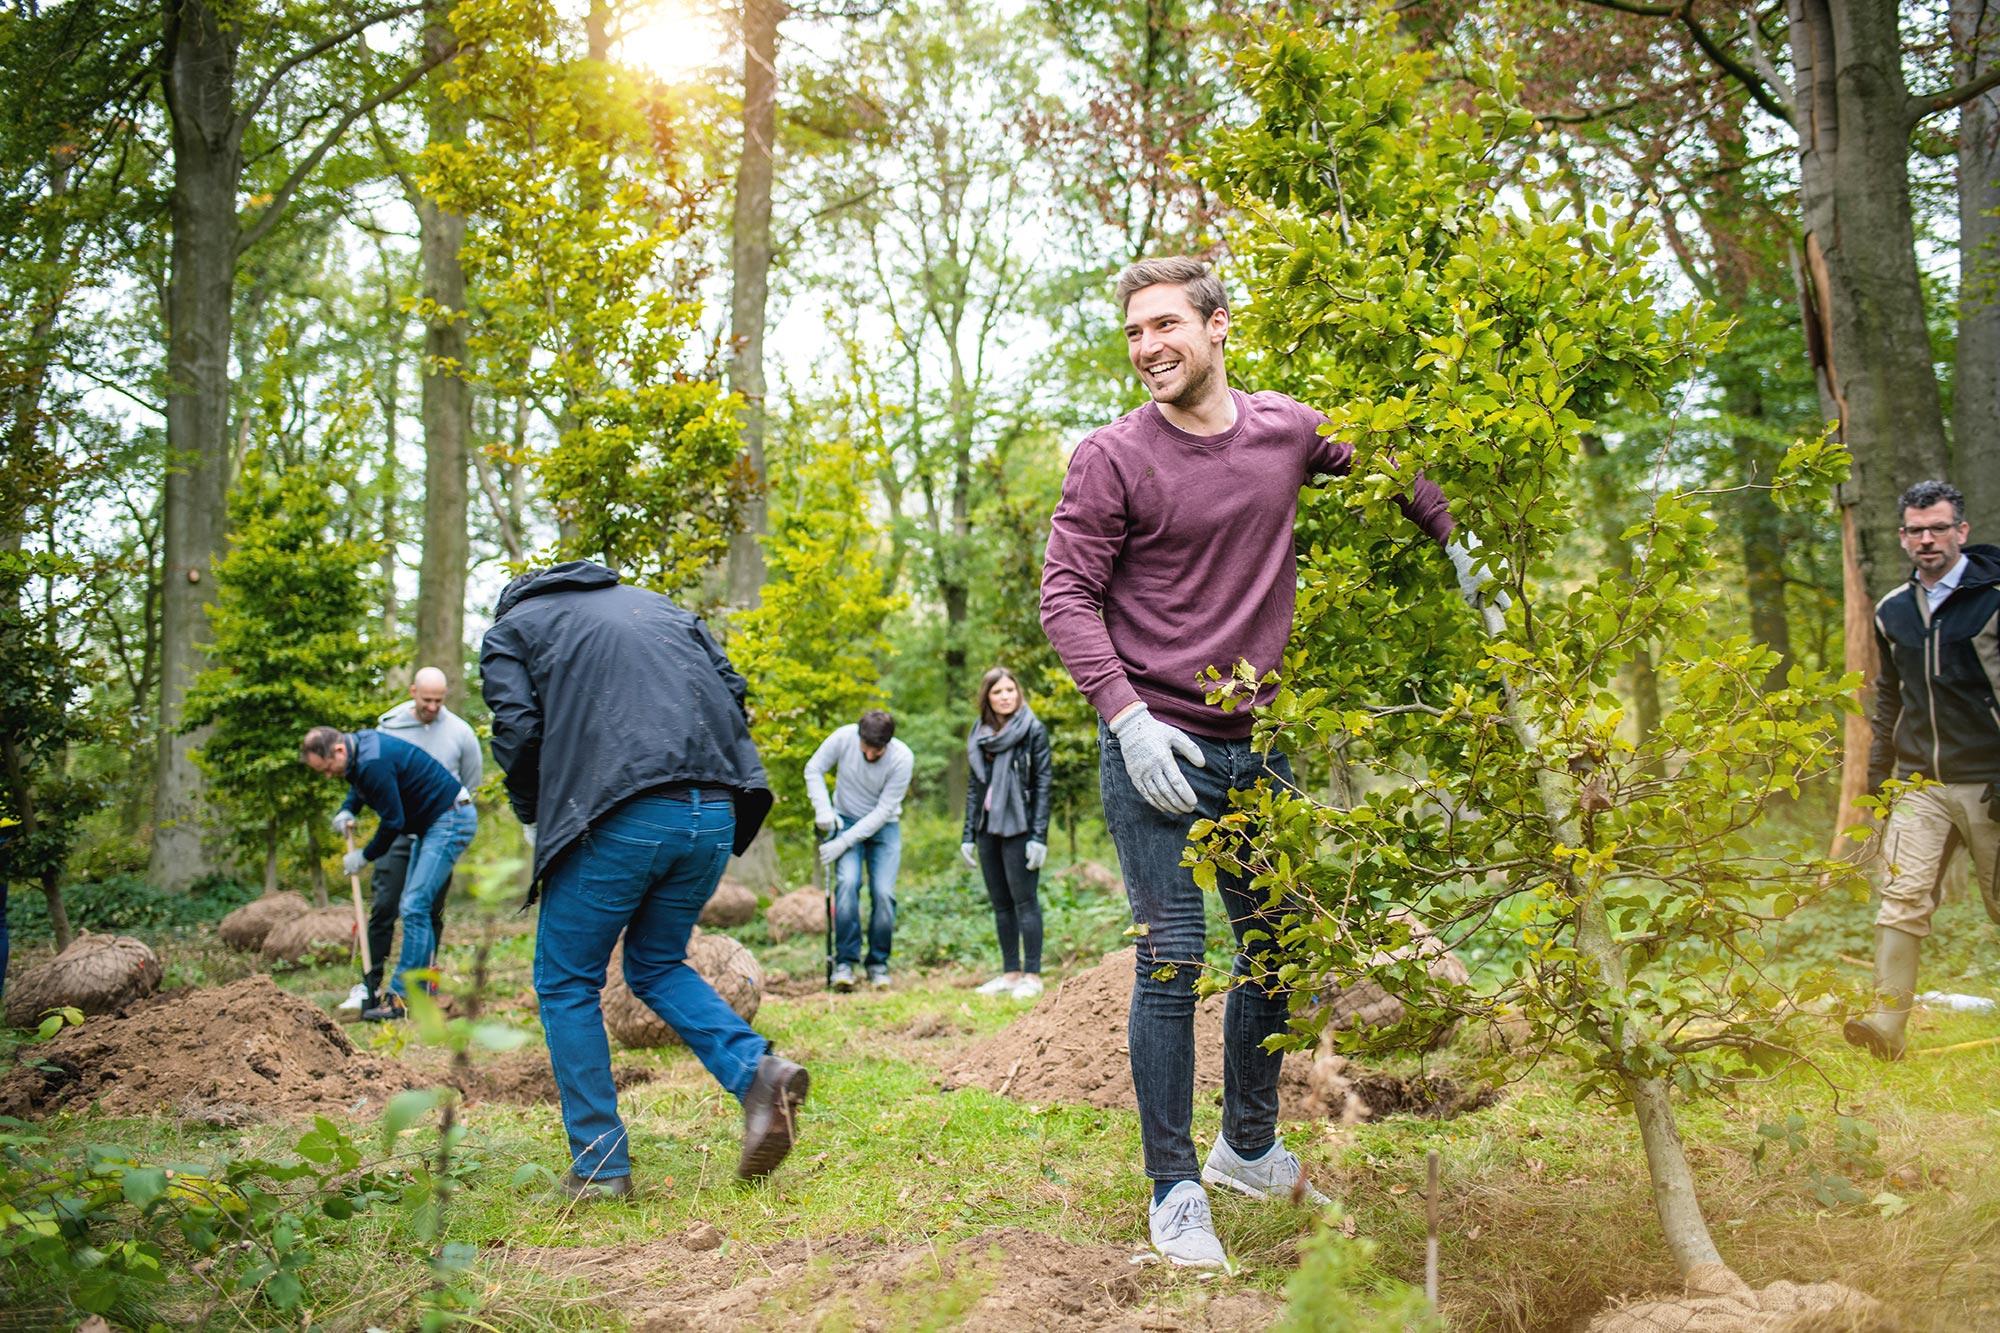 Santiago Advisors Beratungsagentur Imagemotive Baumpflanzen im Wald Project Zero Natur lachender Mann